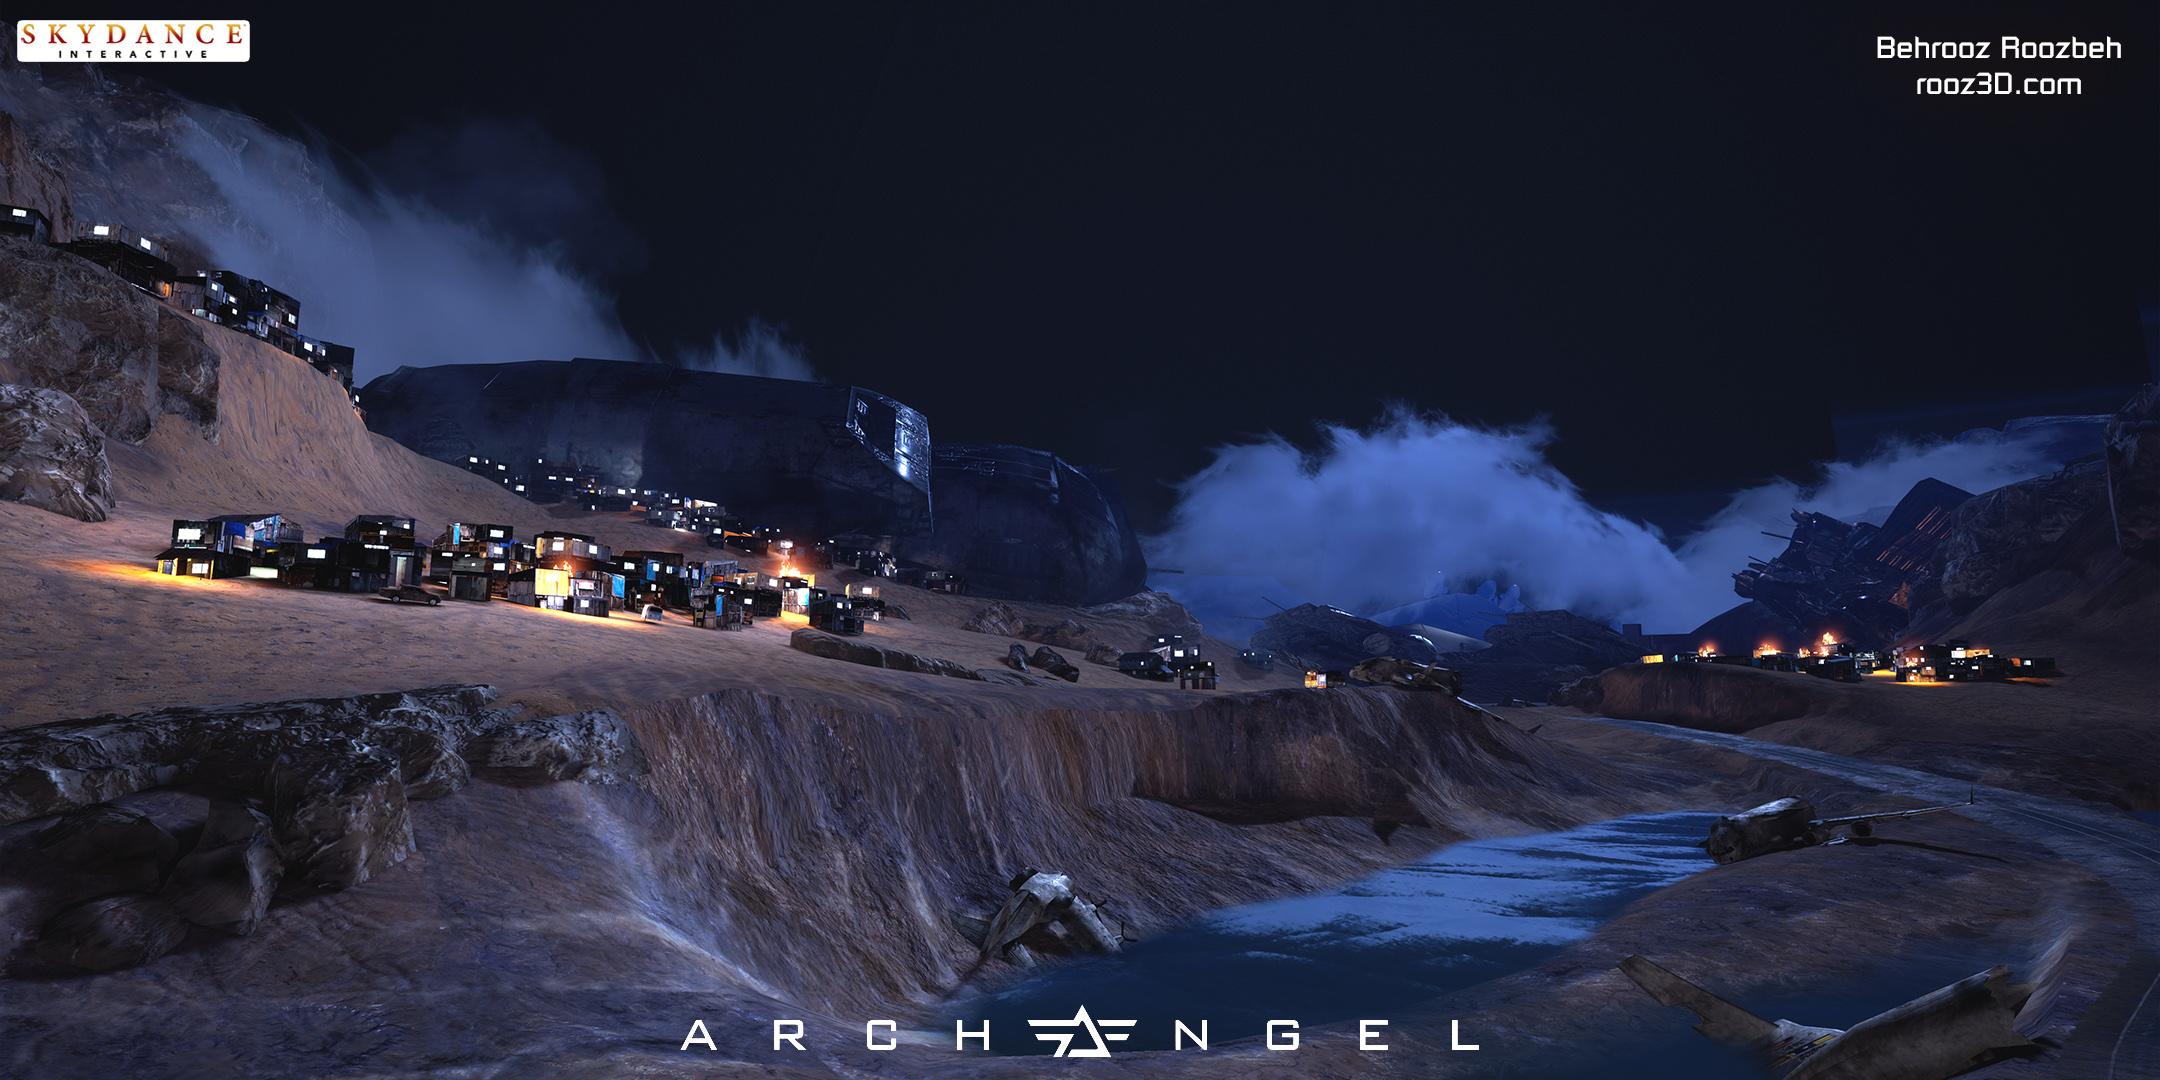 Archangel_VR_06.jpg